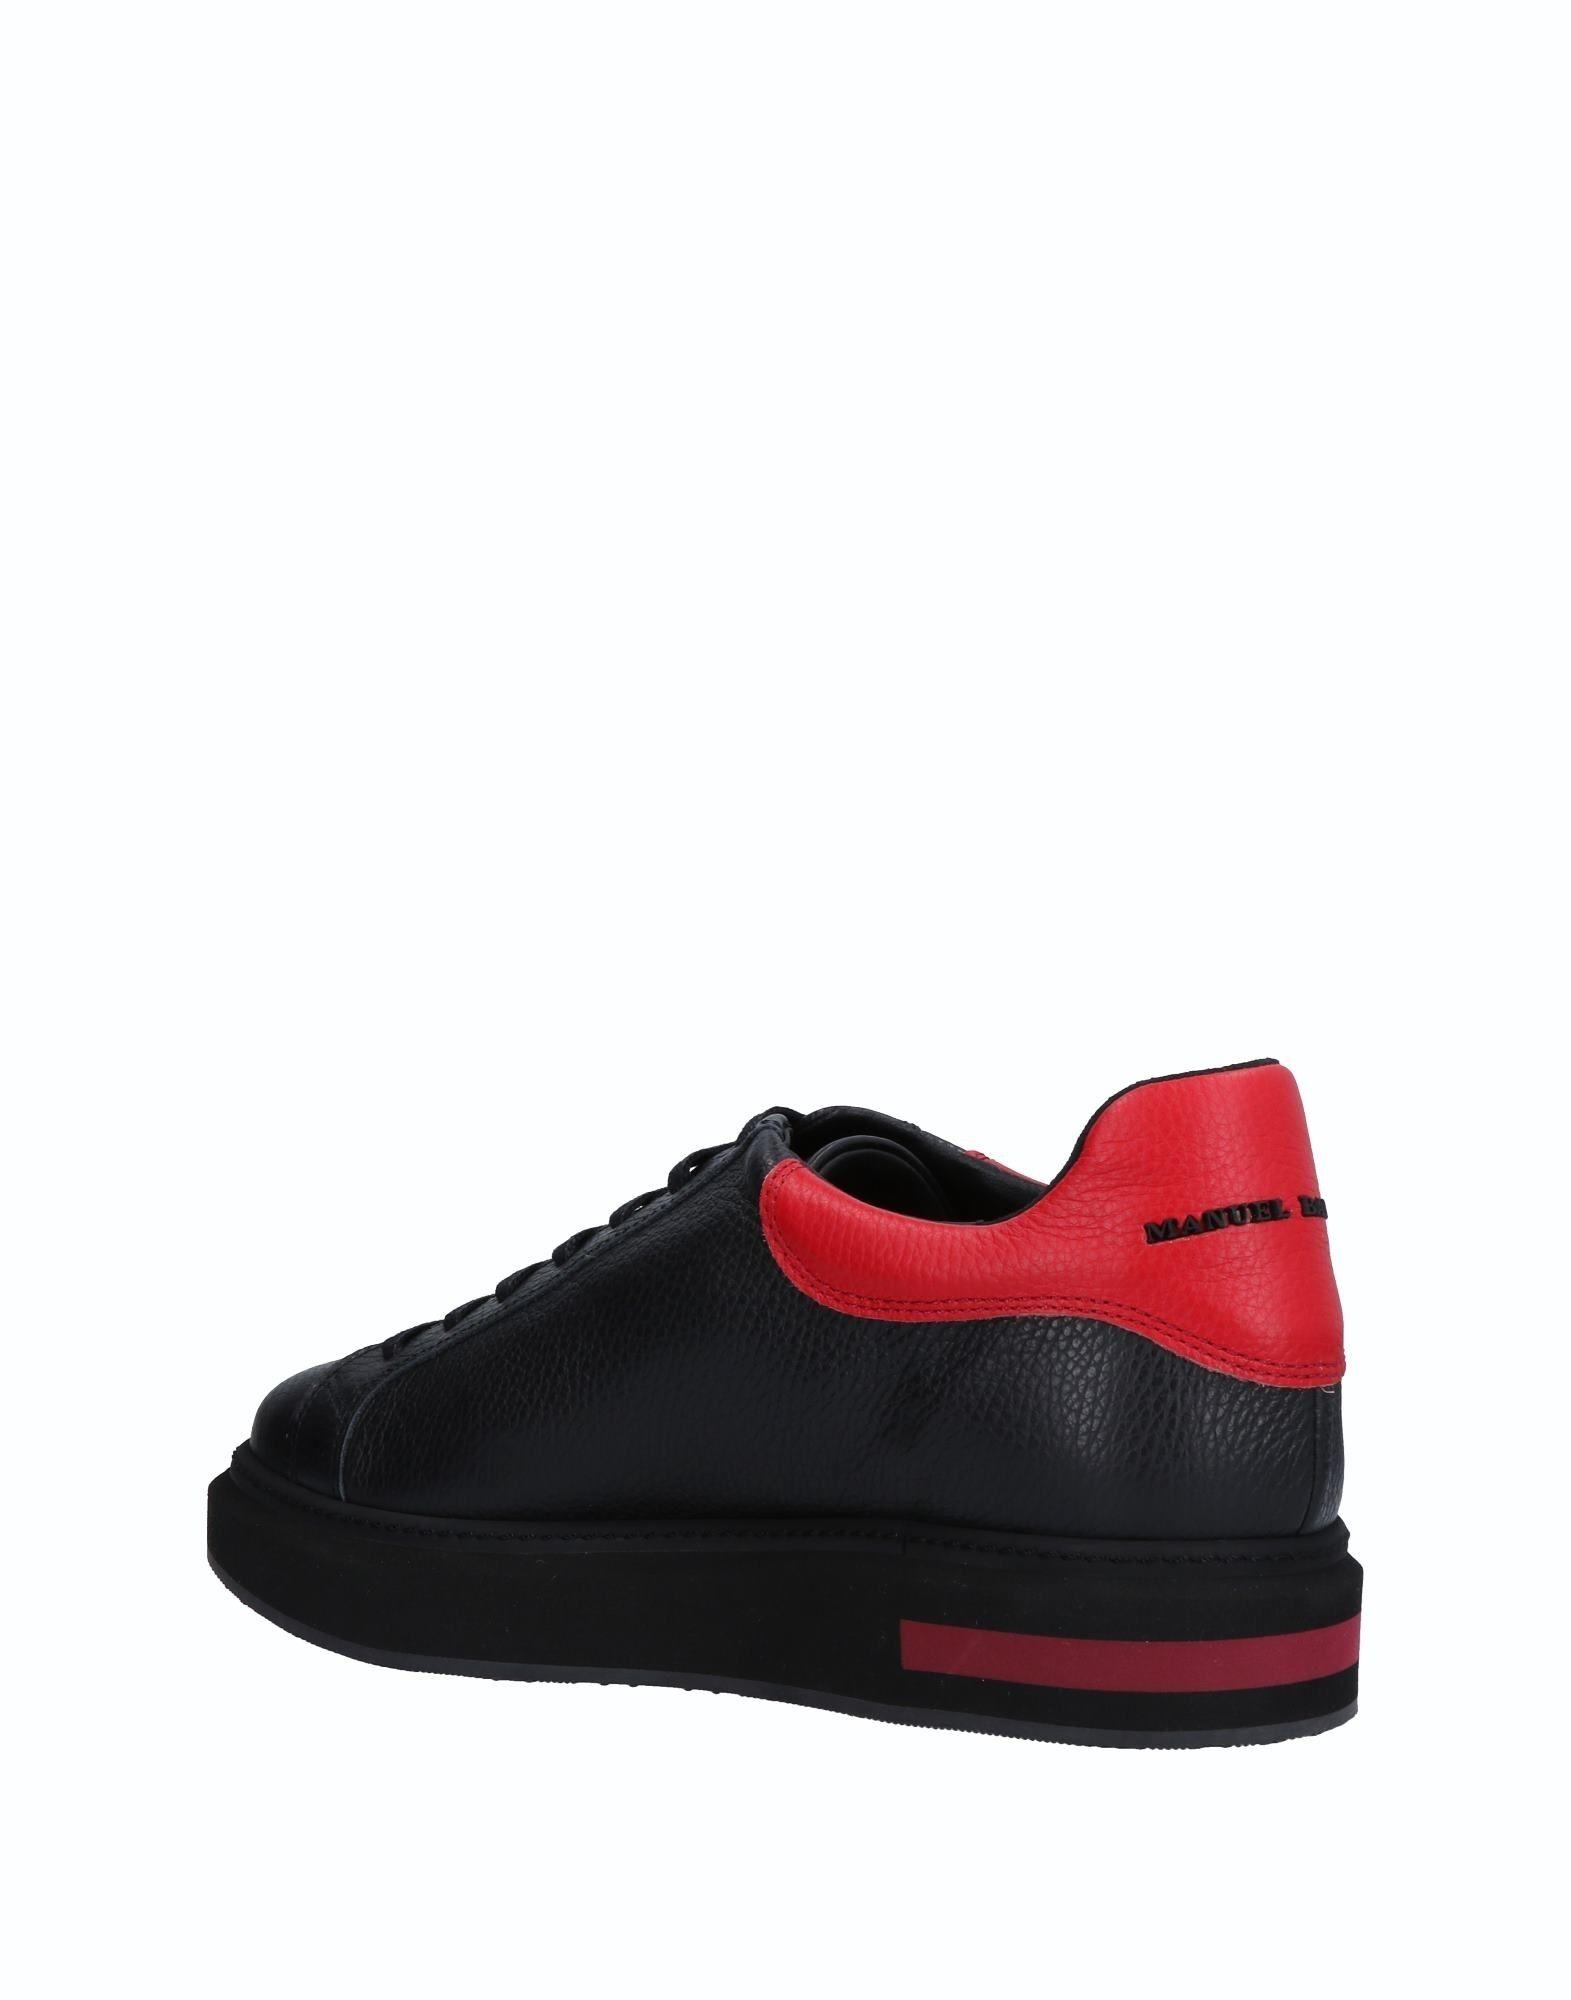 Manuel Barceló Sneakers Herren  11517126SE Neue Schuhe